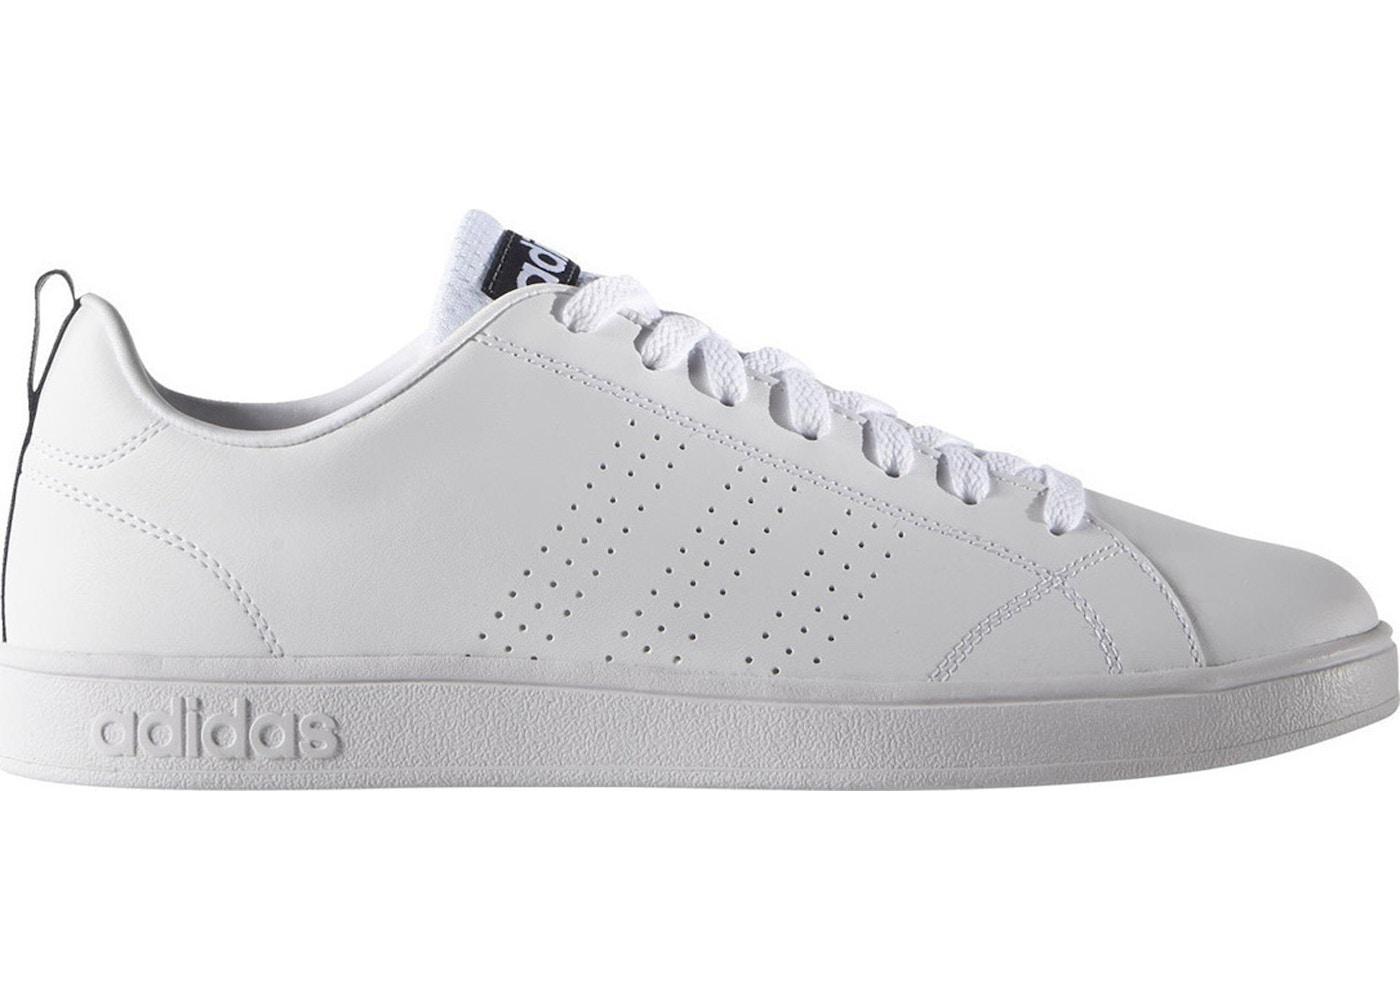 adf0f4594a19c adidas Advantage Clean VS Footwear White - F99252